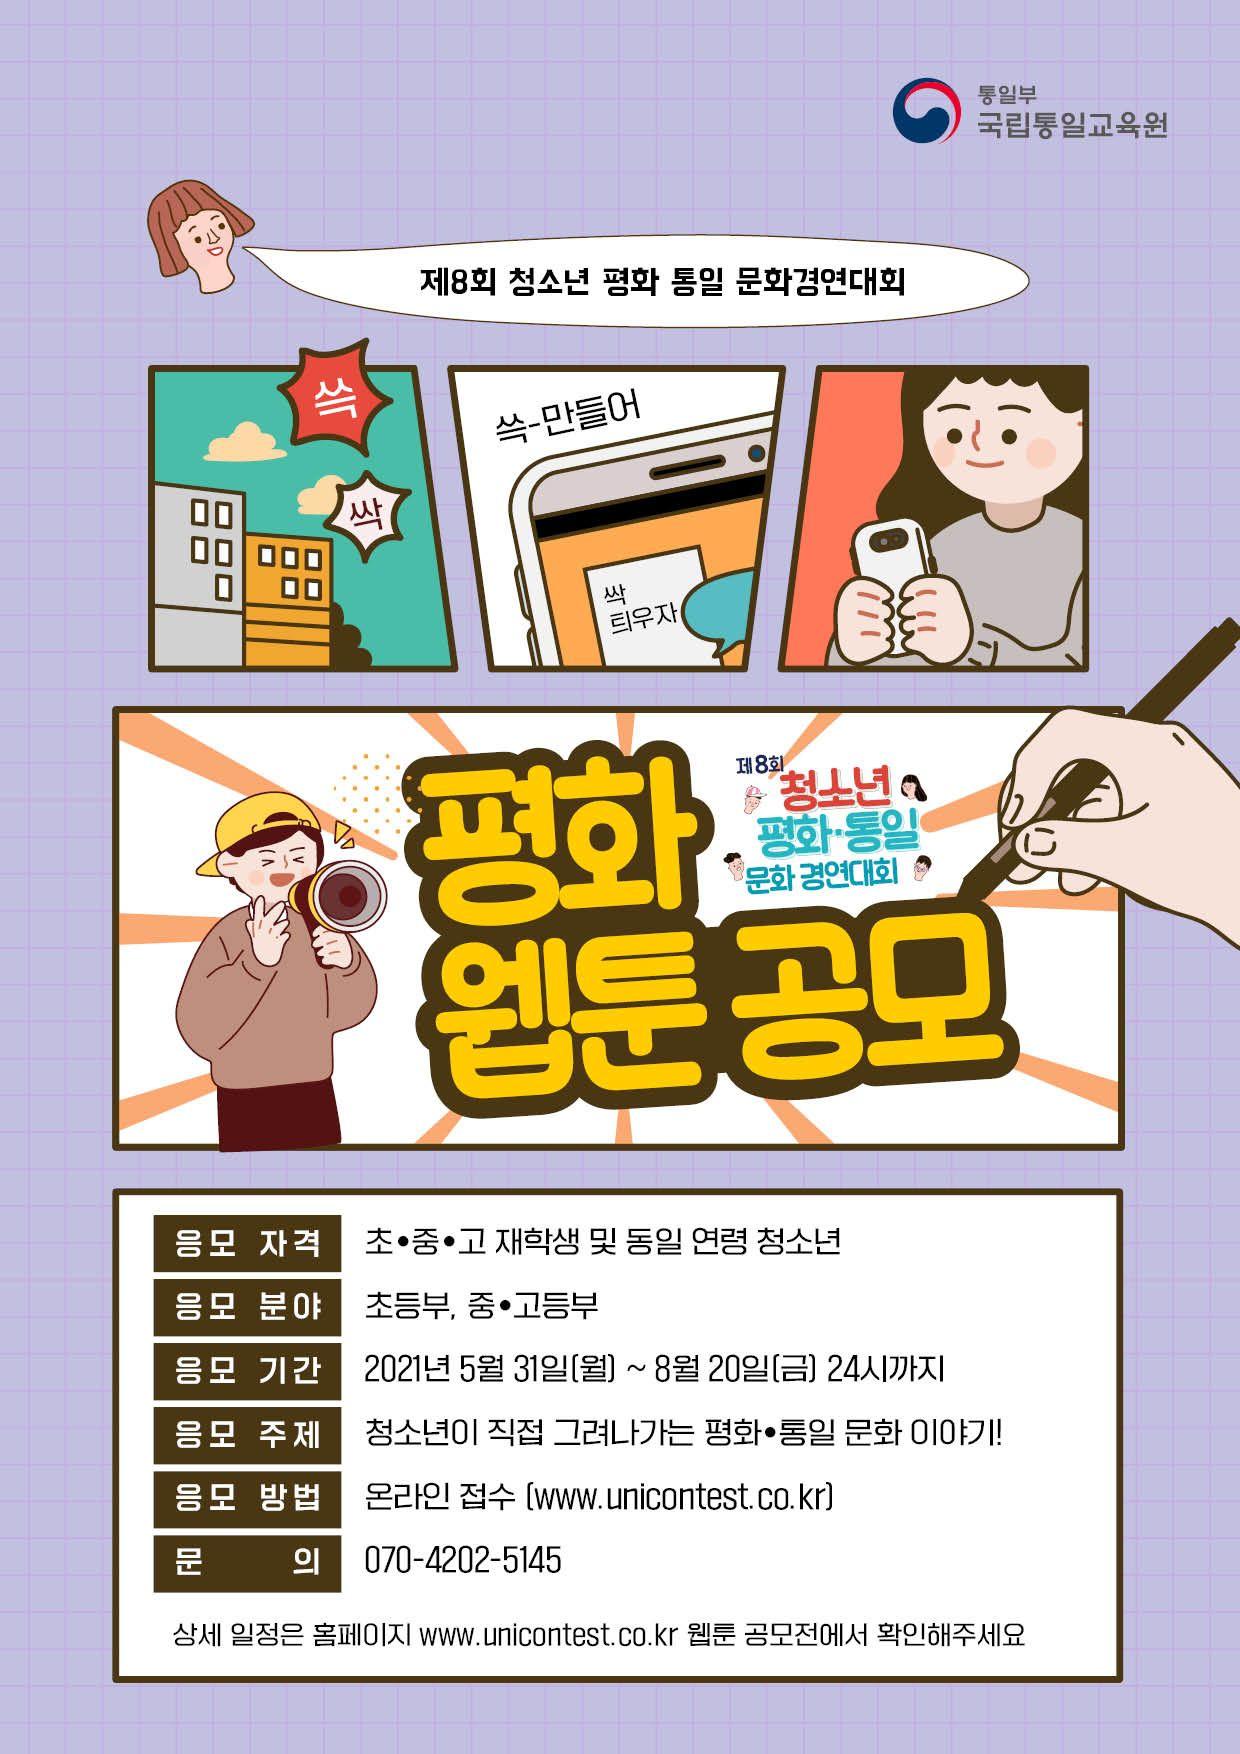 제8회 청소년 평화·통일 문화 경연대회 – 평화 웹툰 공모전